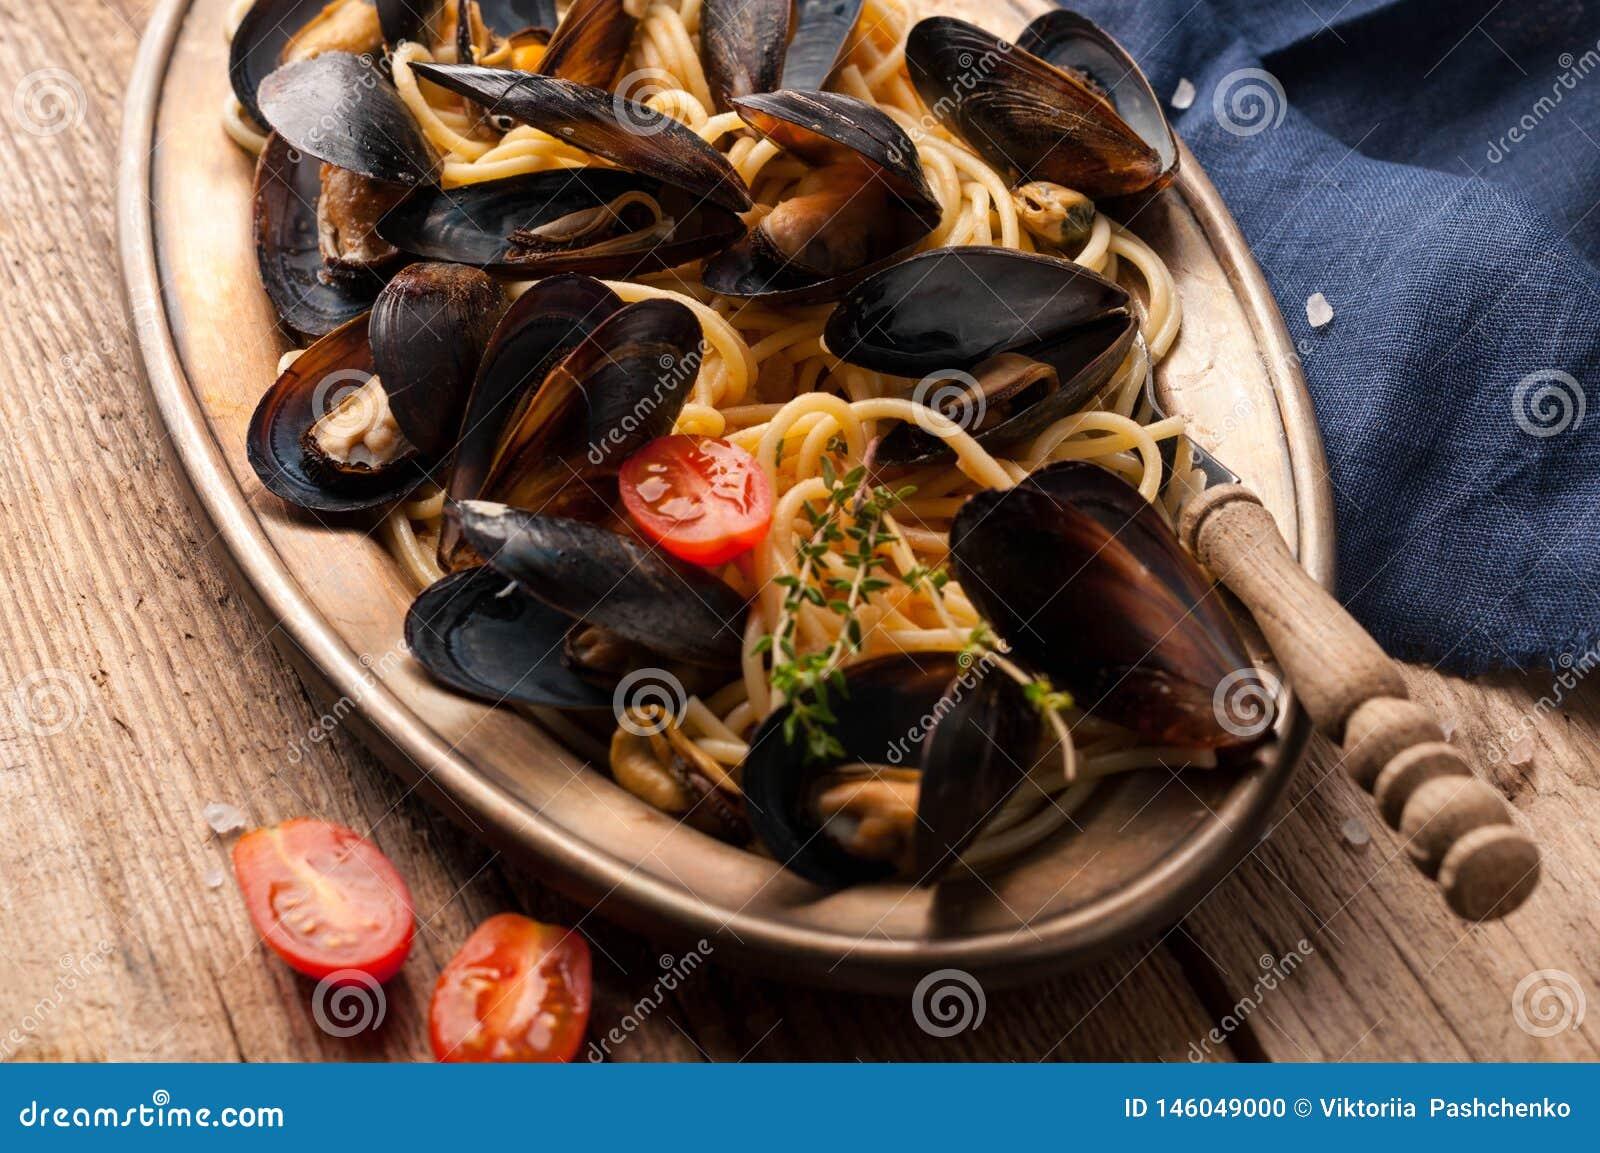 Włoski makaron z mussels w czerni skorupach i rżniętych pomidorach w metalu złotym talerzu